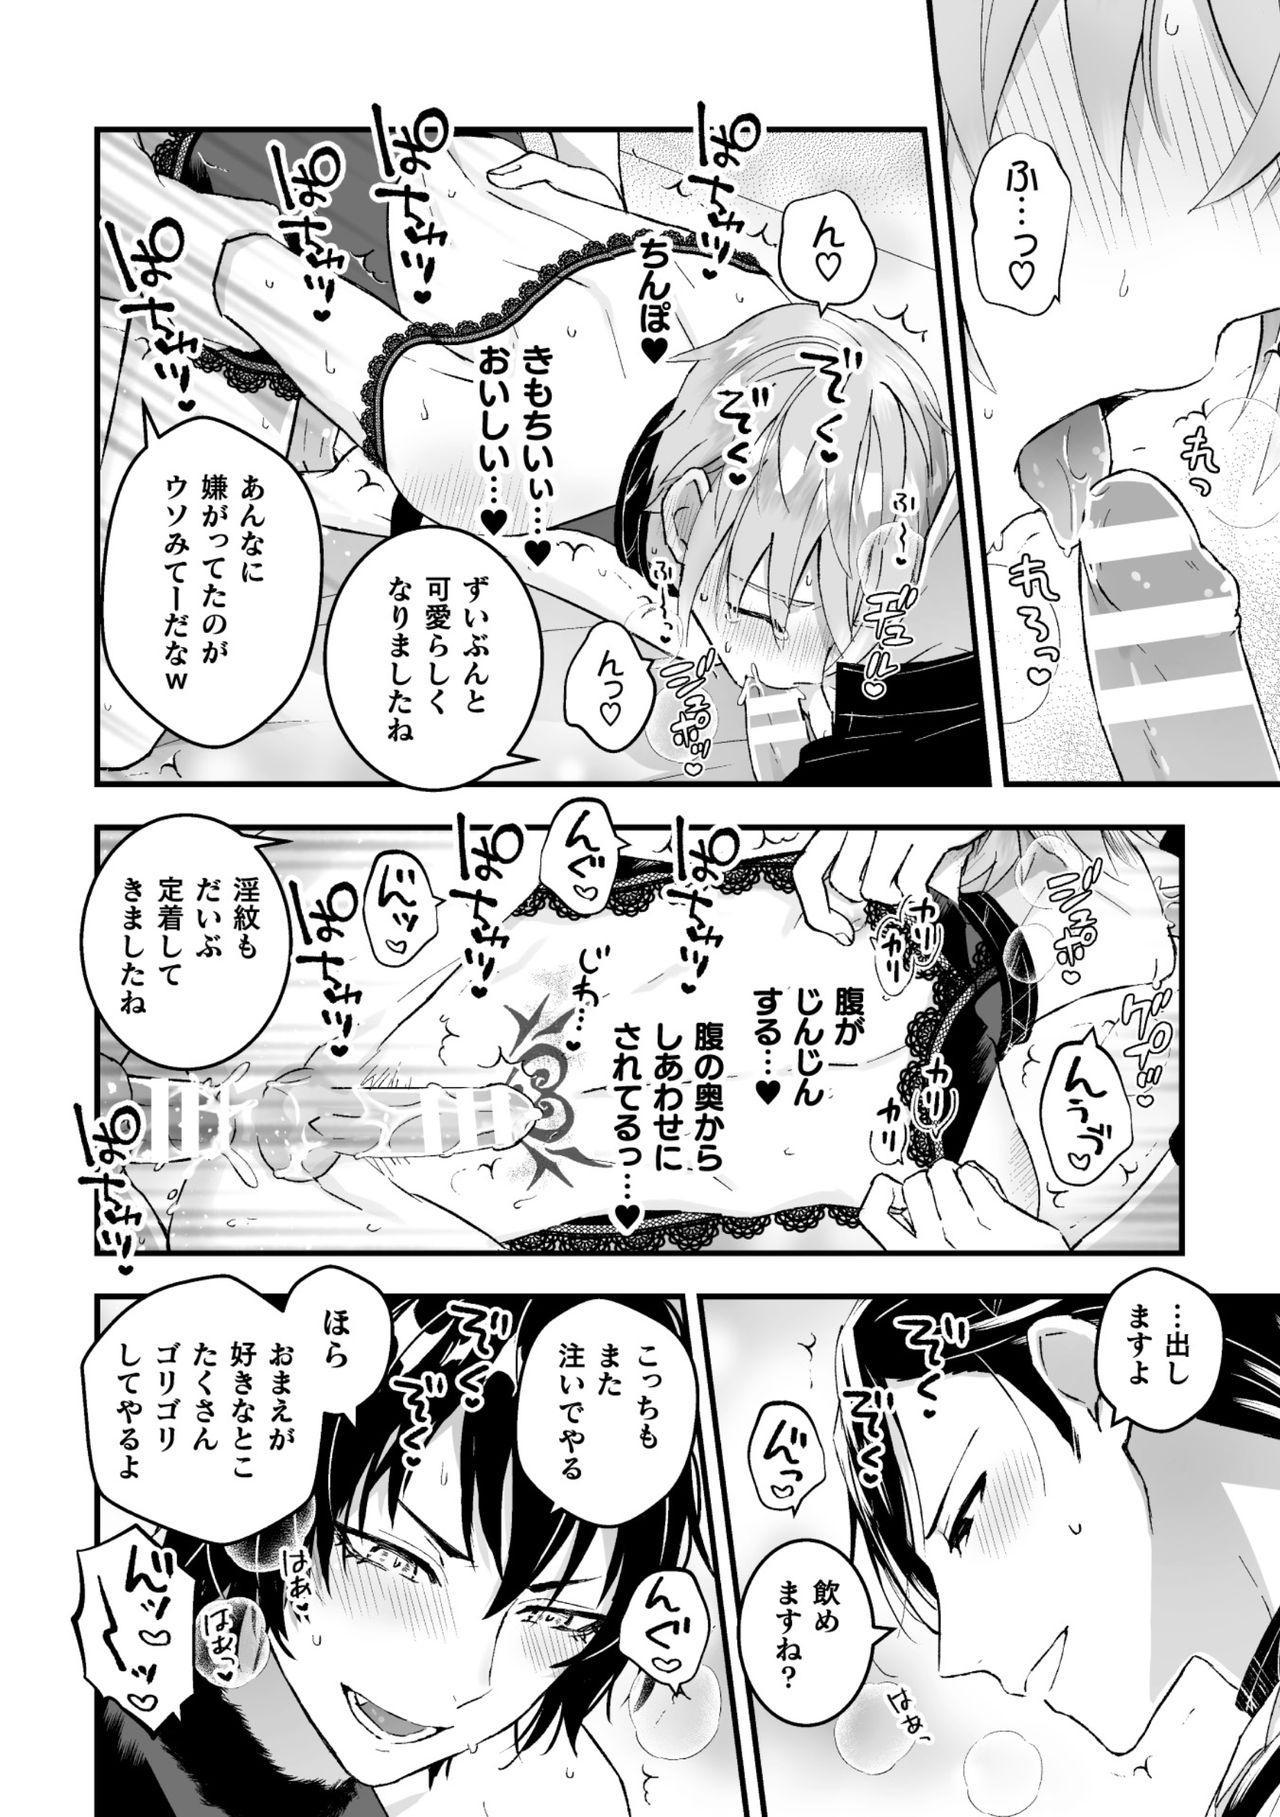 """Otoko Kishi ga """"Ku, Korose!"""" tte Iu kara Mesu Choukyou Shitemita Ch. 3 23"""